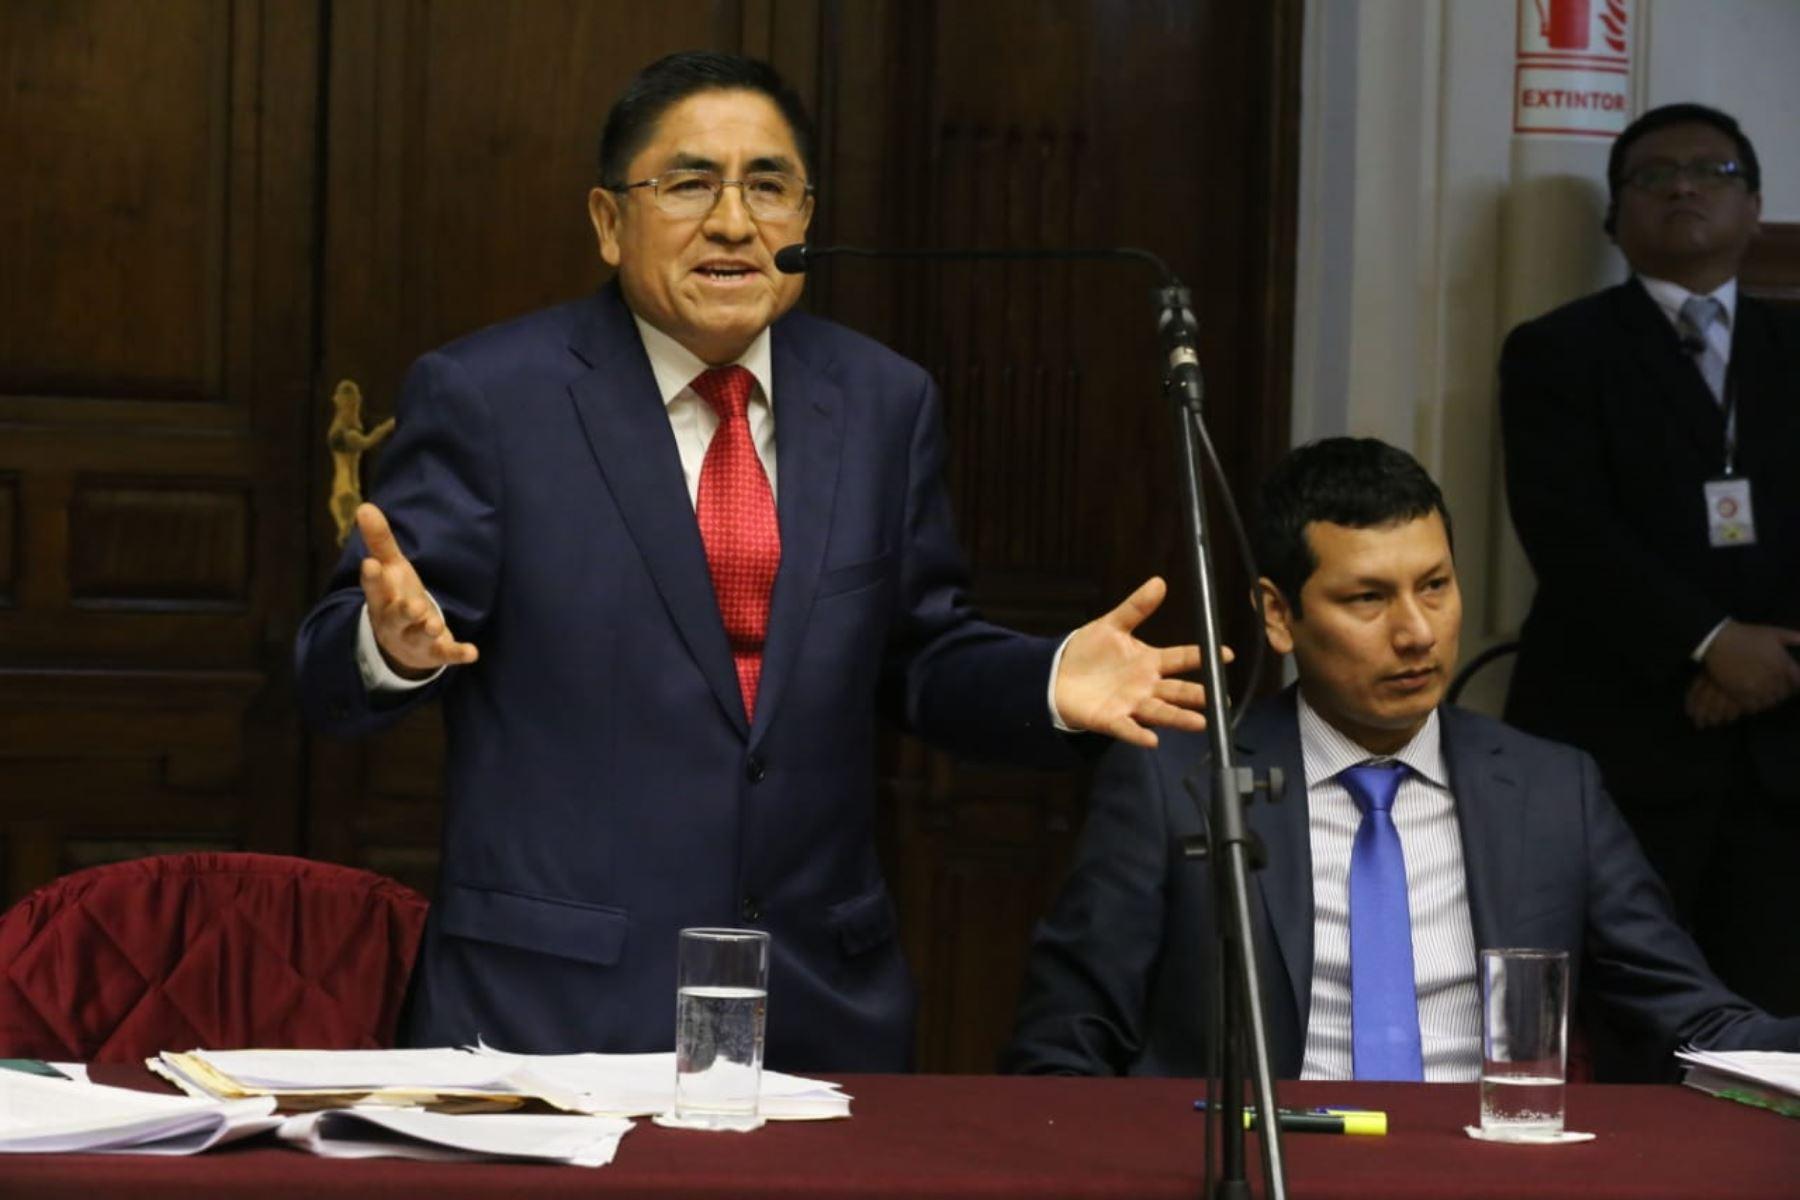 España rechazó pedido de asilo de César Hinostroza, confirma procurador